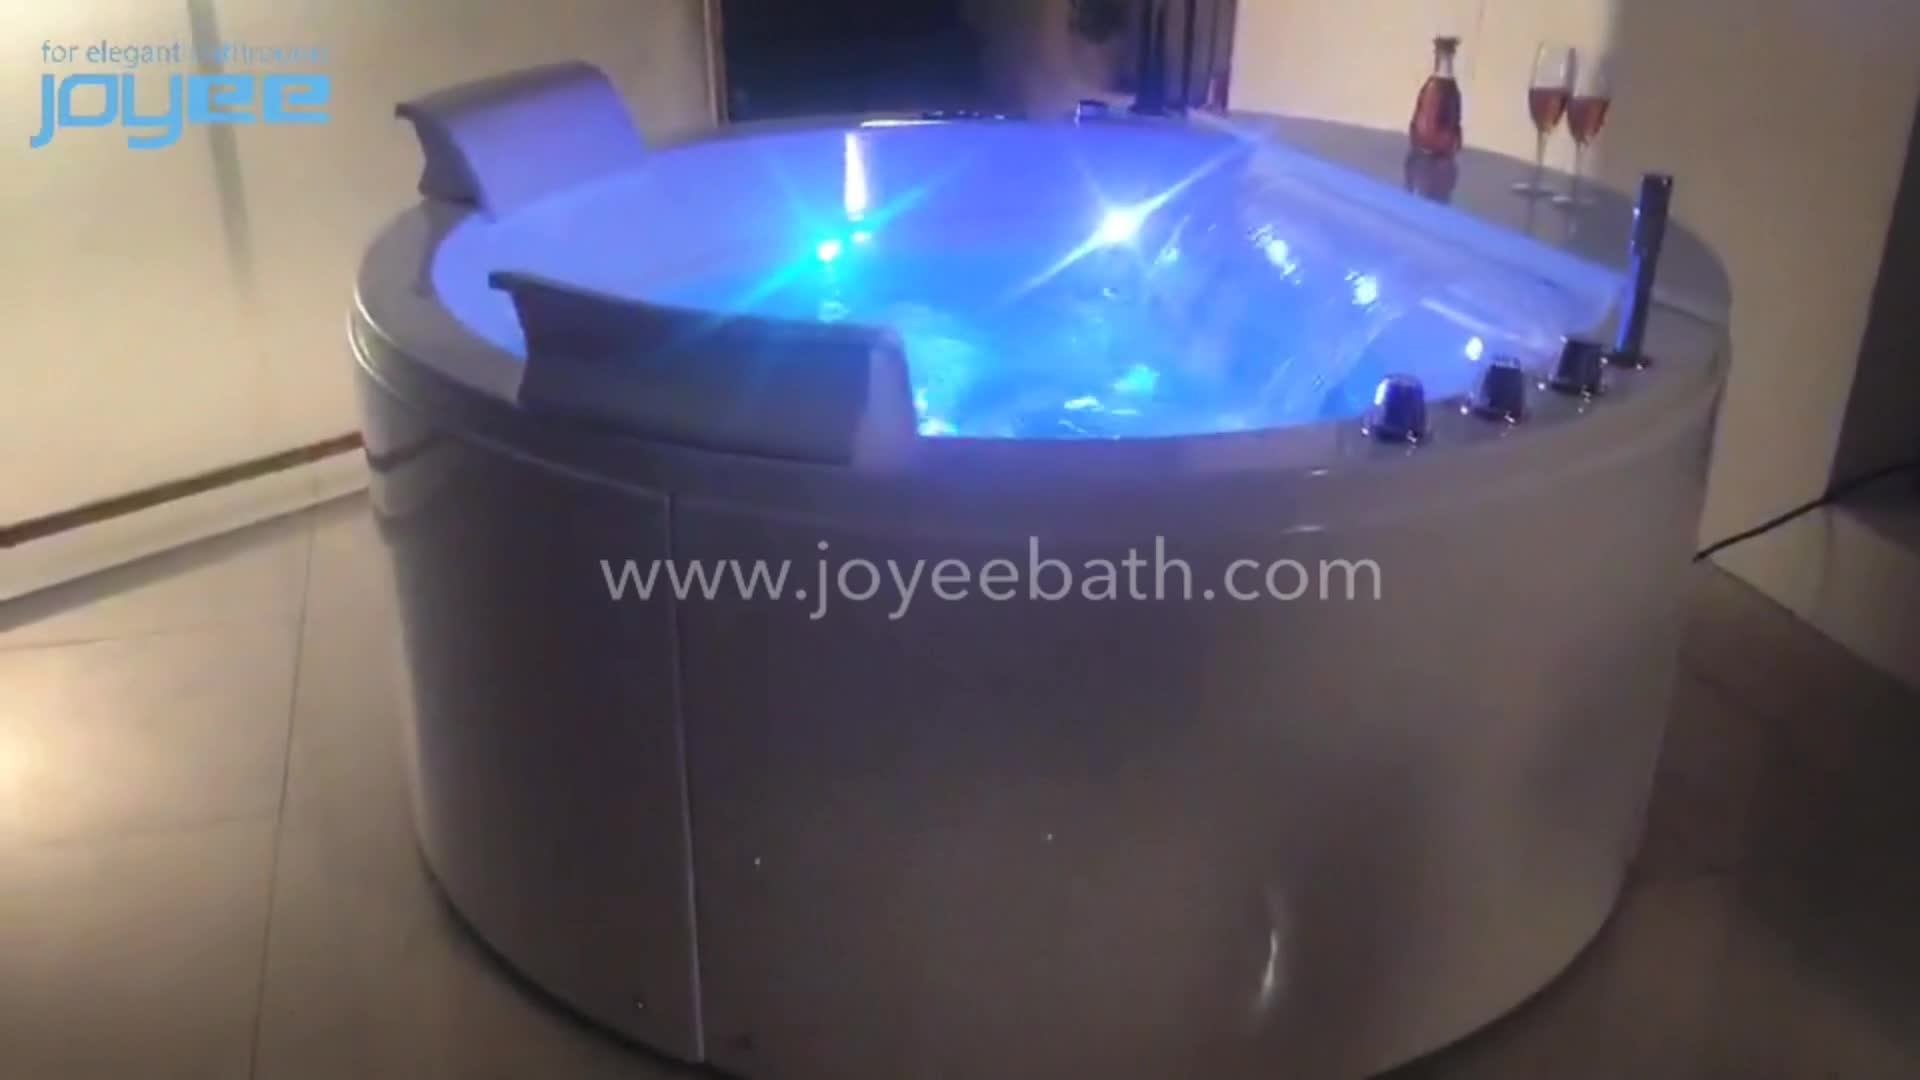 Joyee 180 Mini Xoáy Spa Massage Cầm Tay Trong Nhà Bồn Tắm Với Jacuzzi Giá Ở Ai Cập Thiết Bị Xây Dựng-In Cho Hai Người